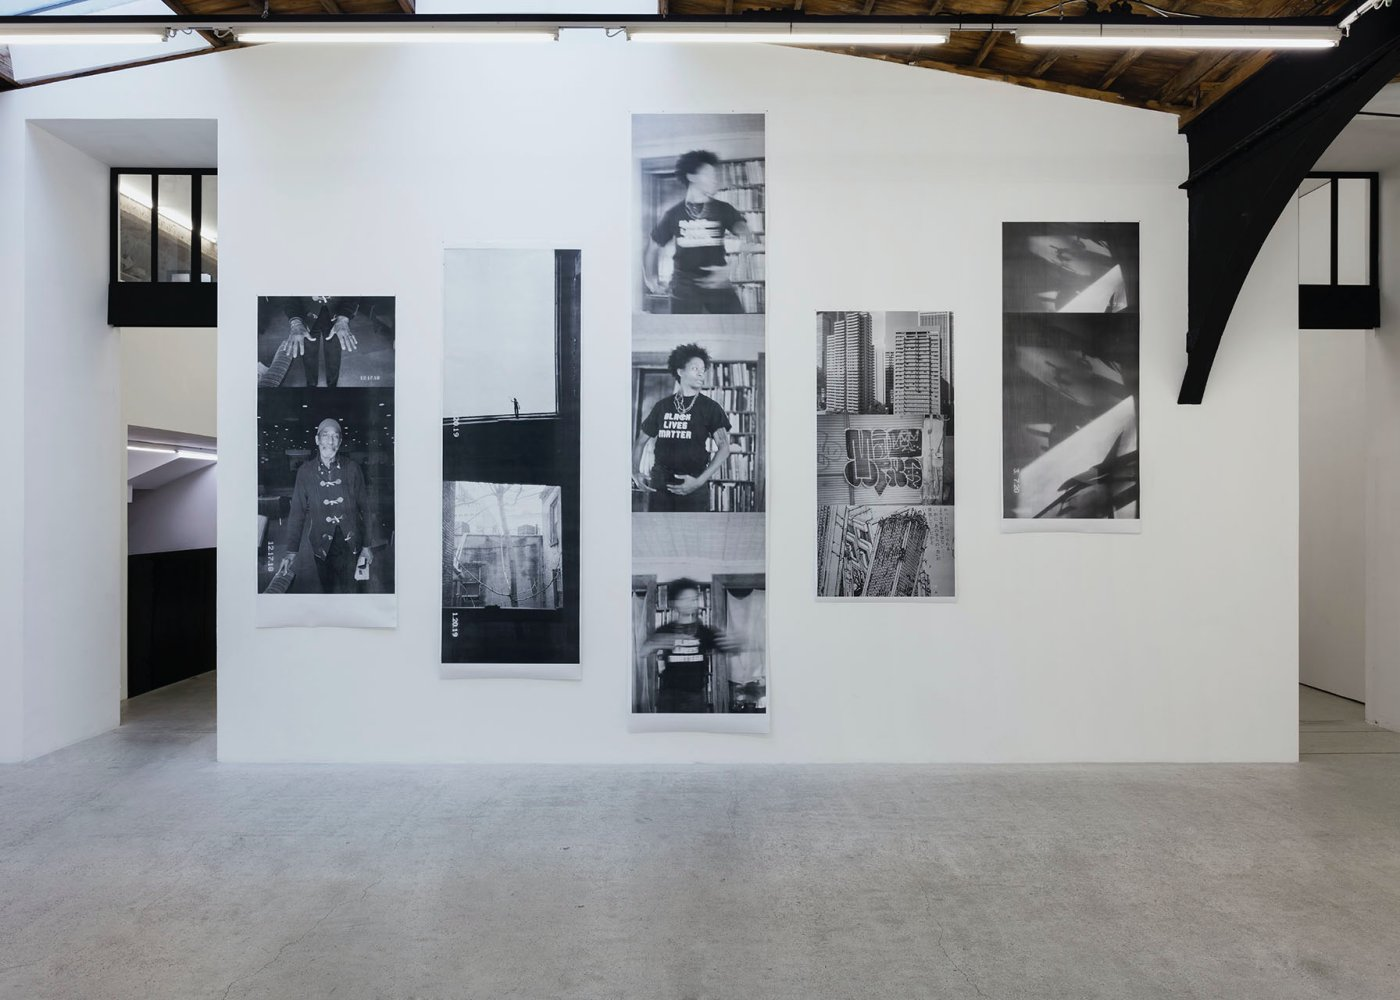 Galerie Frank Elbaz Ari Marcopoulos 4